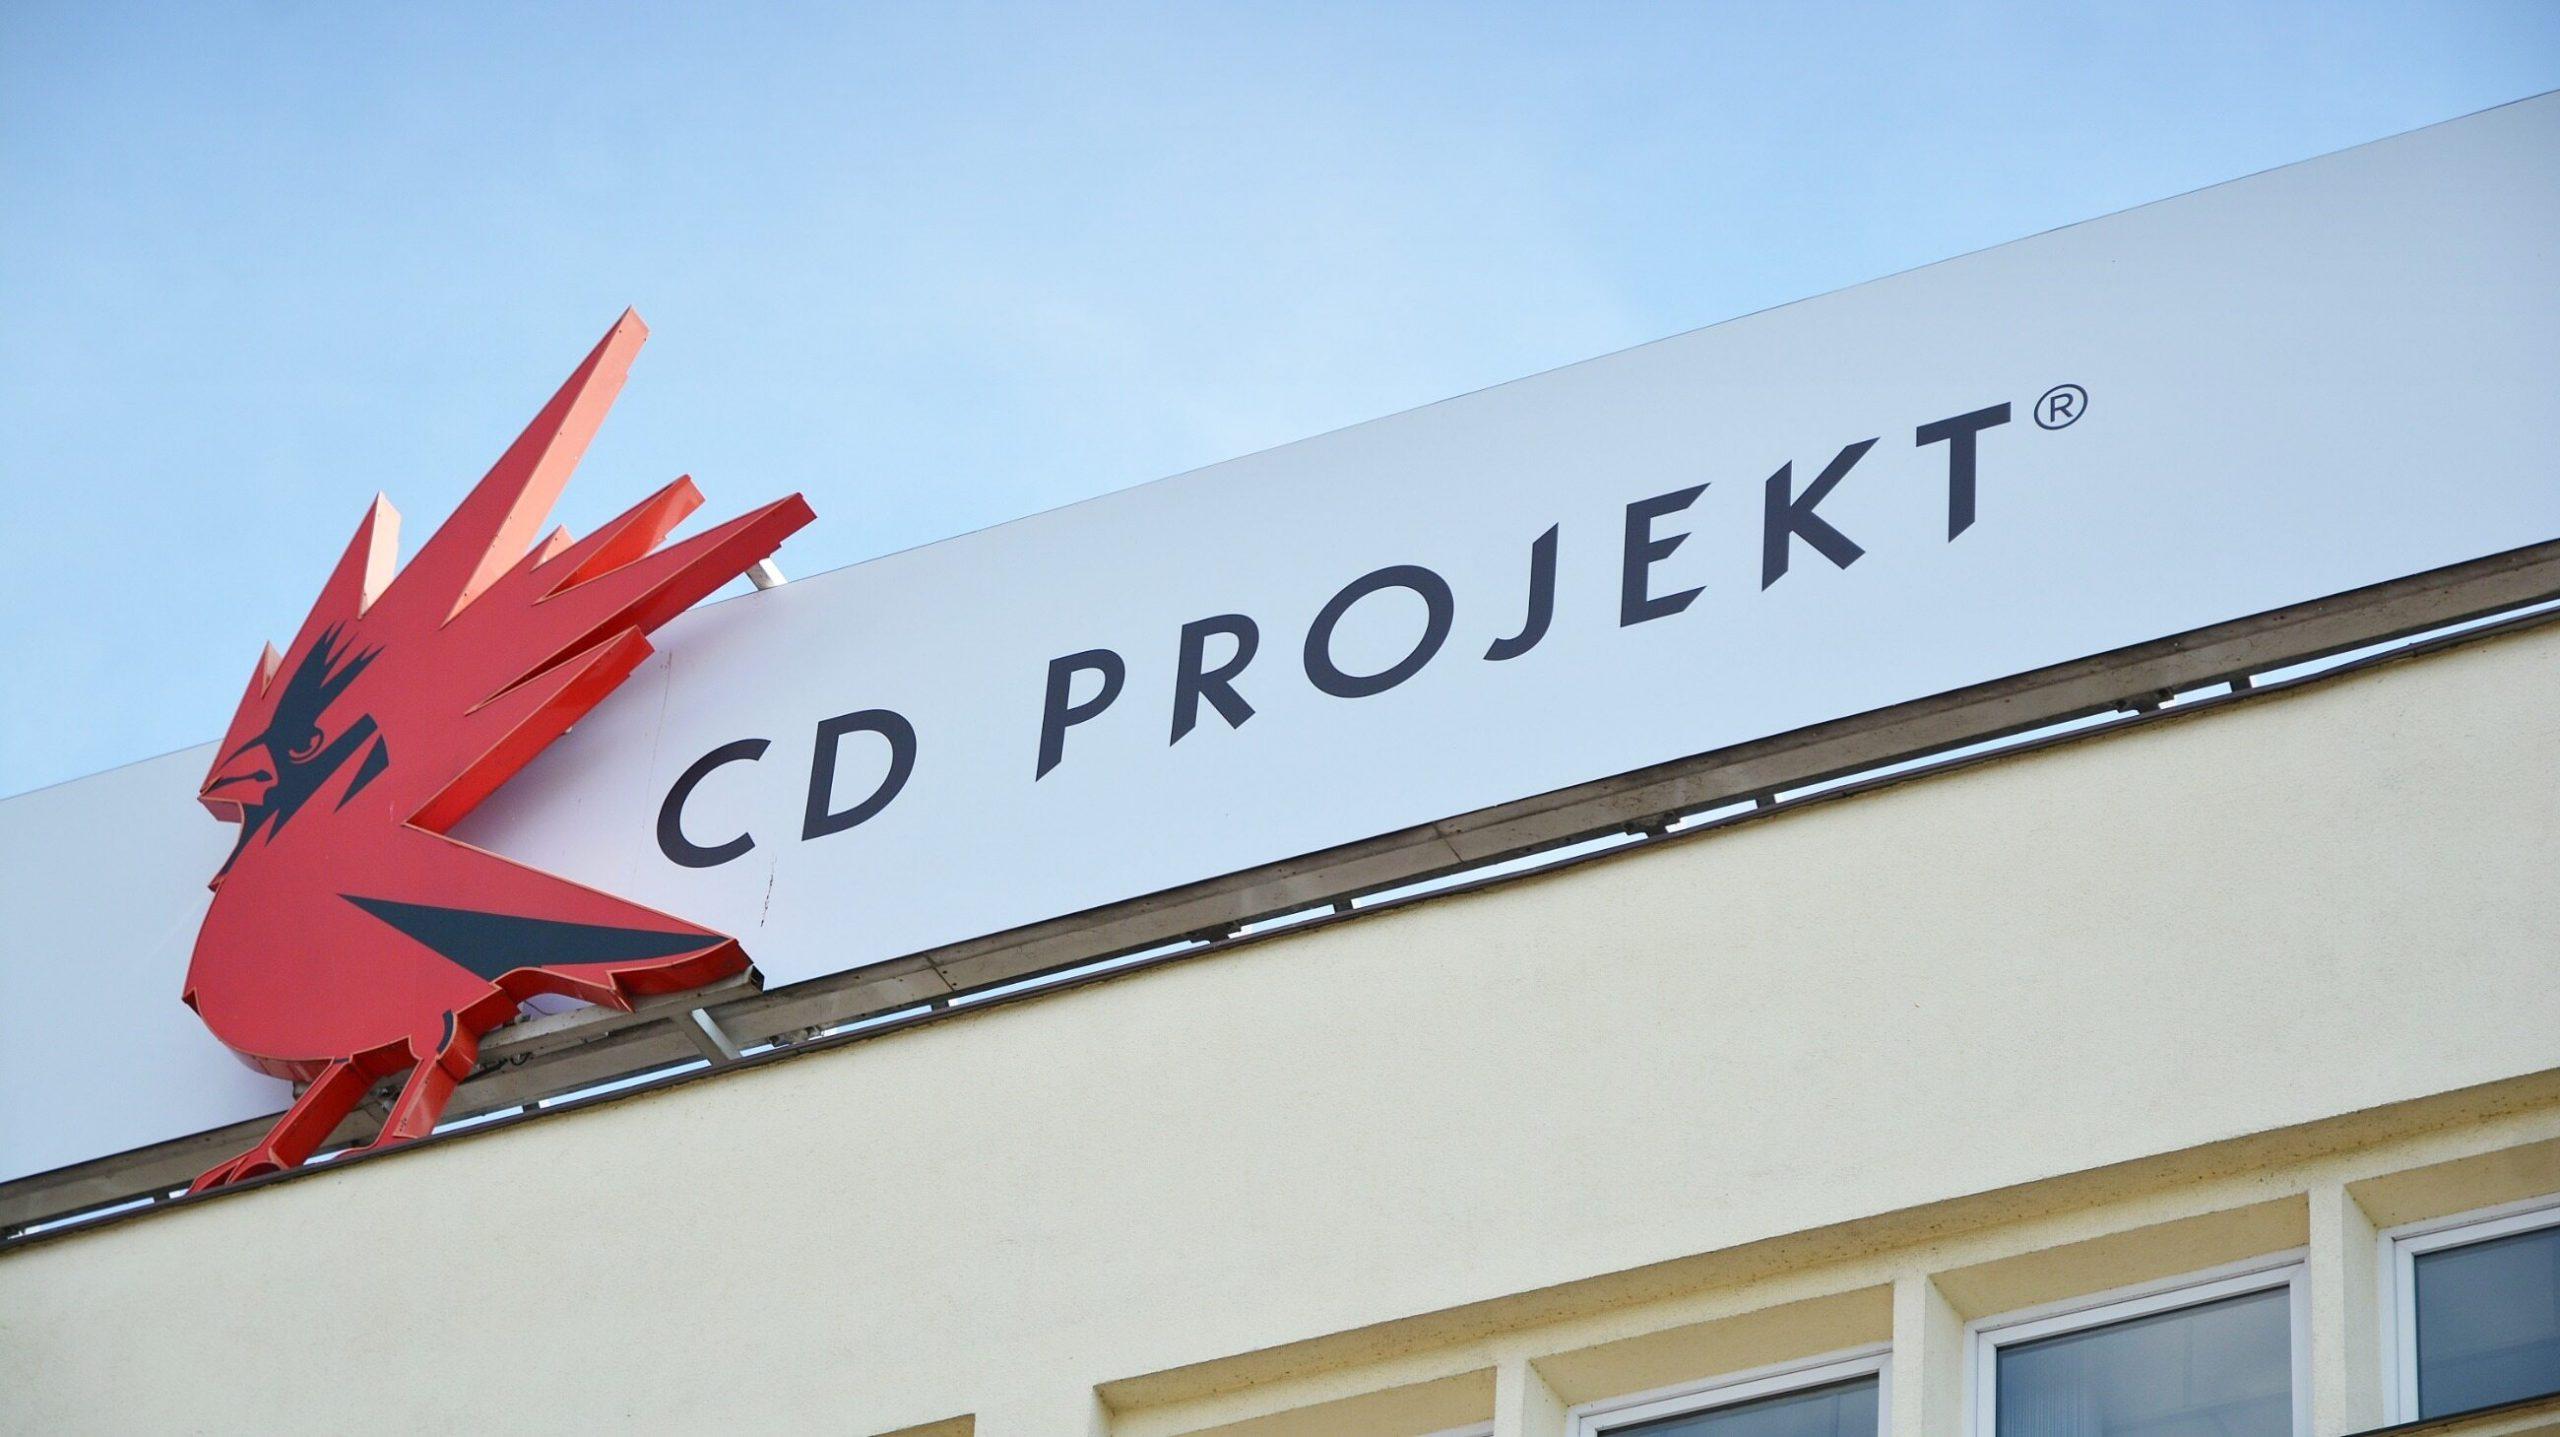 Wiedźmin 3 ciągle wspiera CD Projekt. Raport finansowy za III kwartał 2020 roku